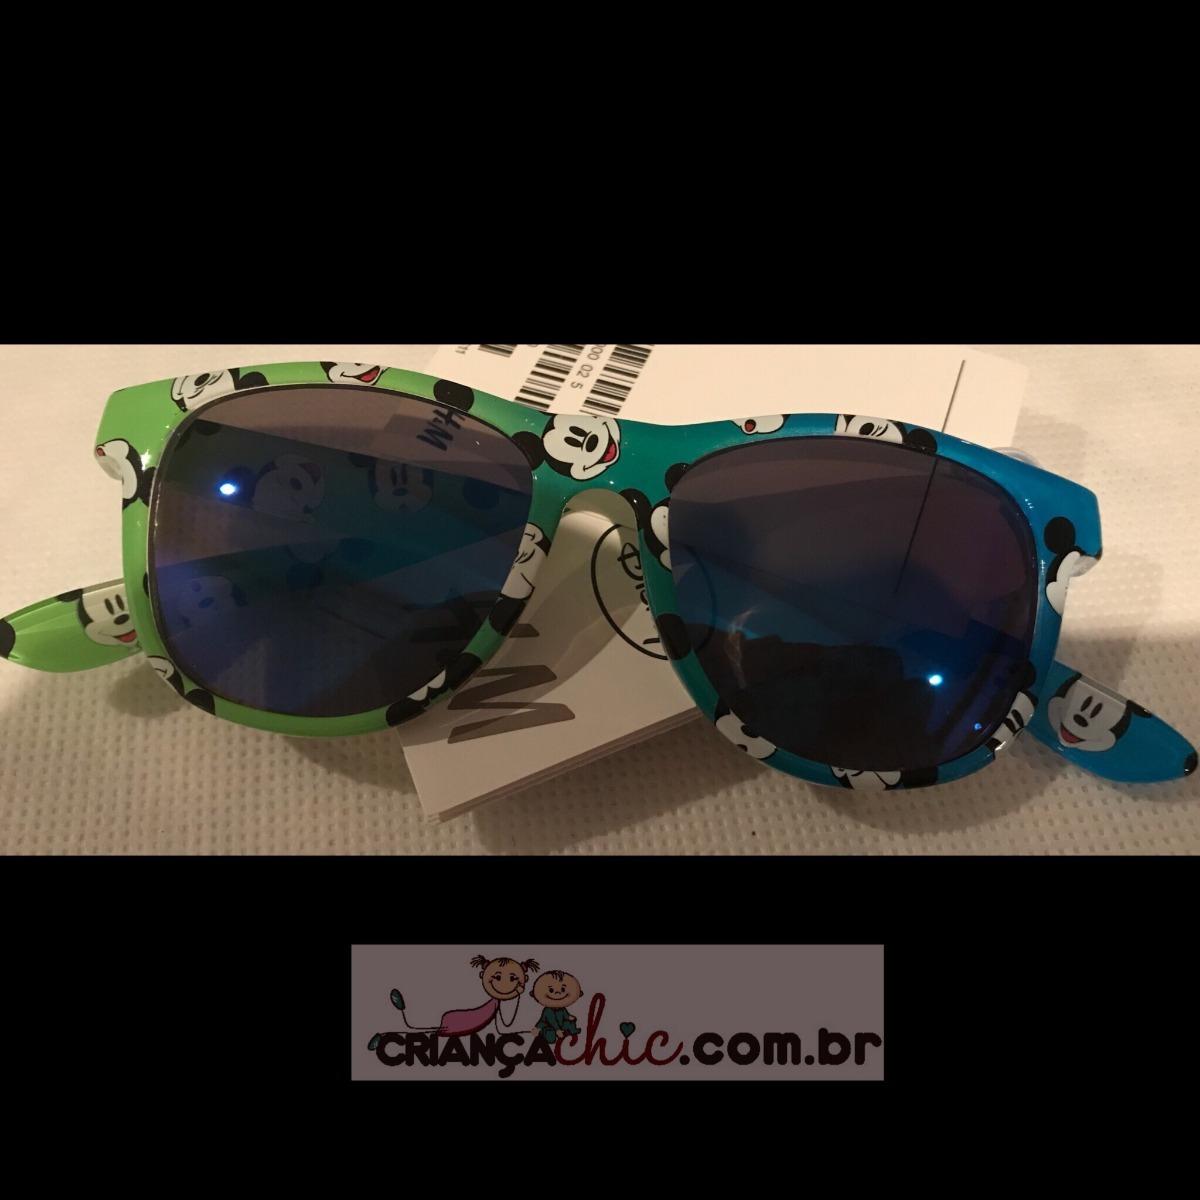 662fe4f665614 Óculos De Sol Infantil Mickey Importado H m - R  85,00 em Mercado Livre